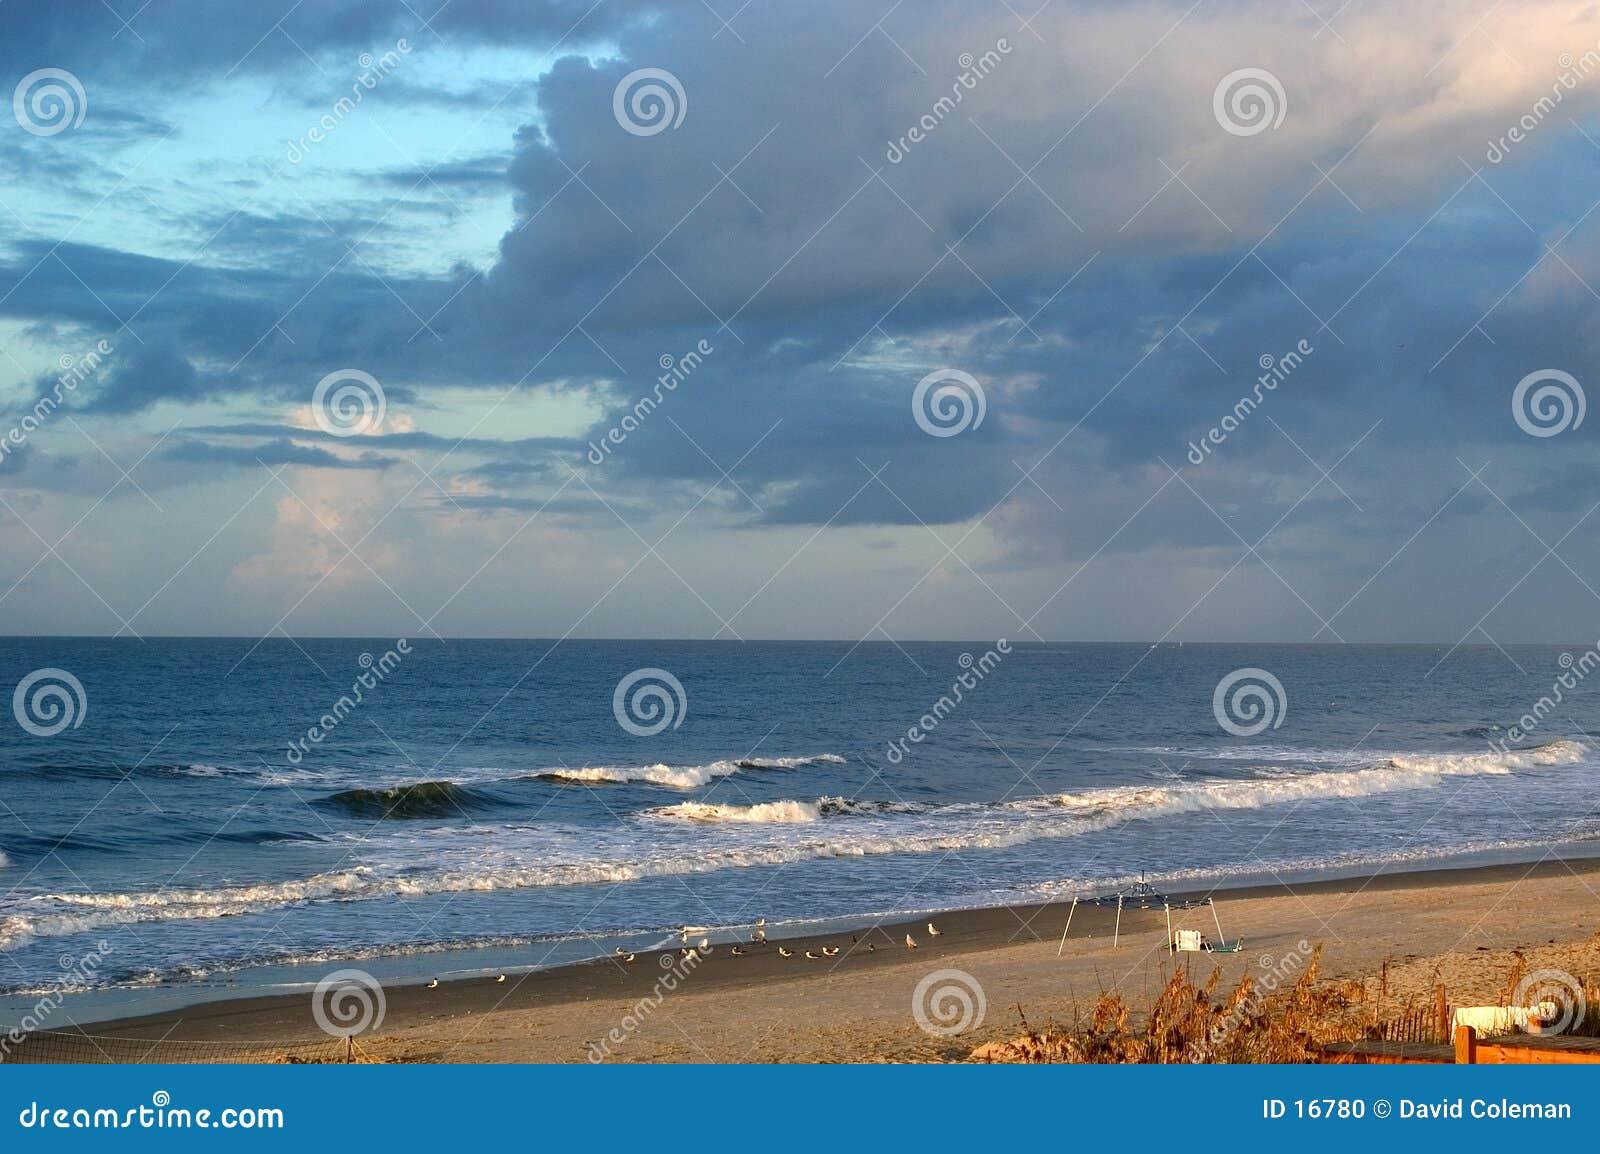 Storw Brewing over the Ocean